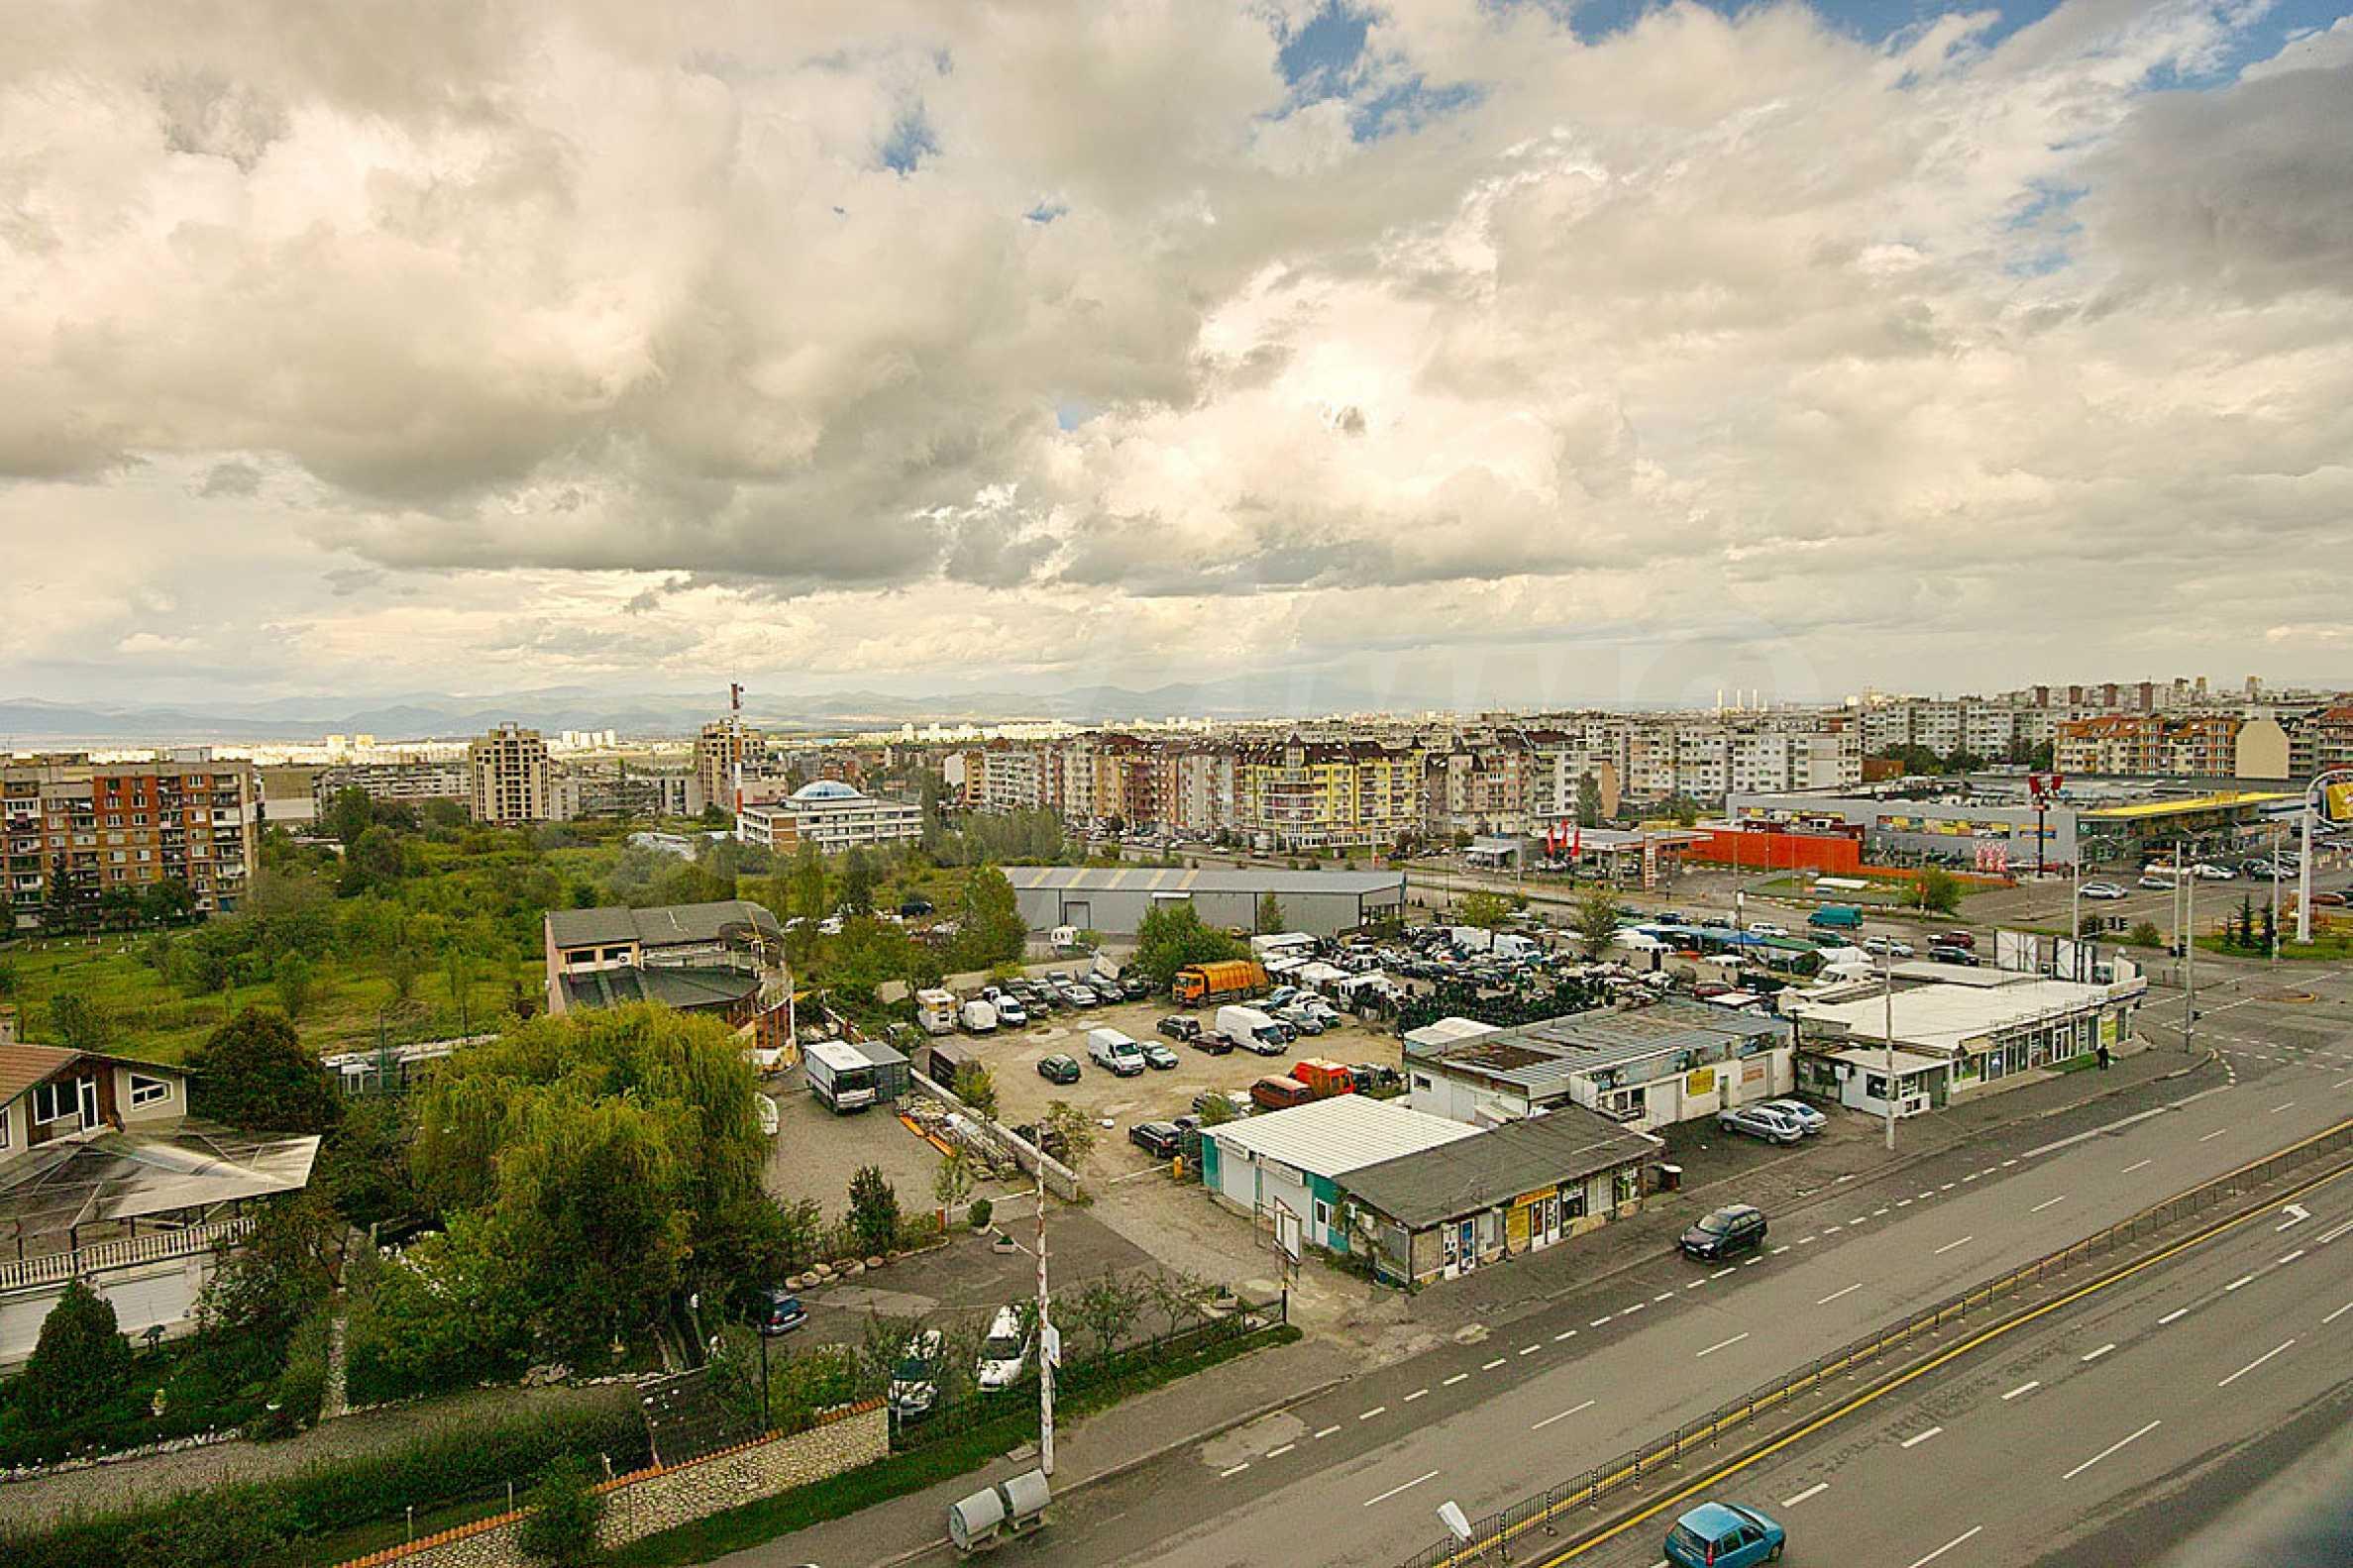 Wohnung zu vermieten in Lyulin-3 Bezirk neben der U-Bahn 12